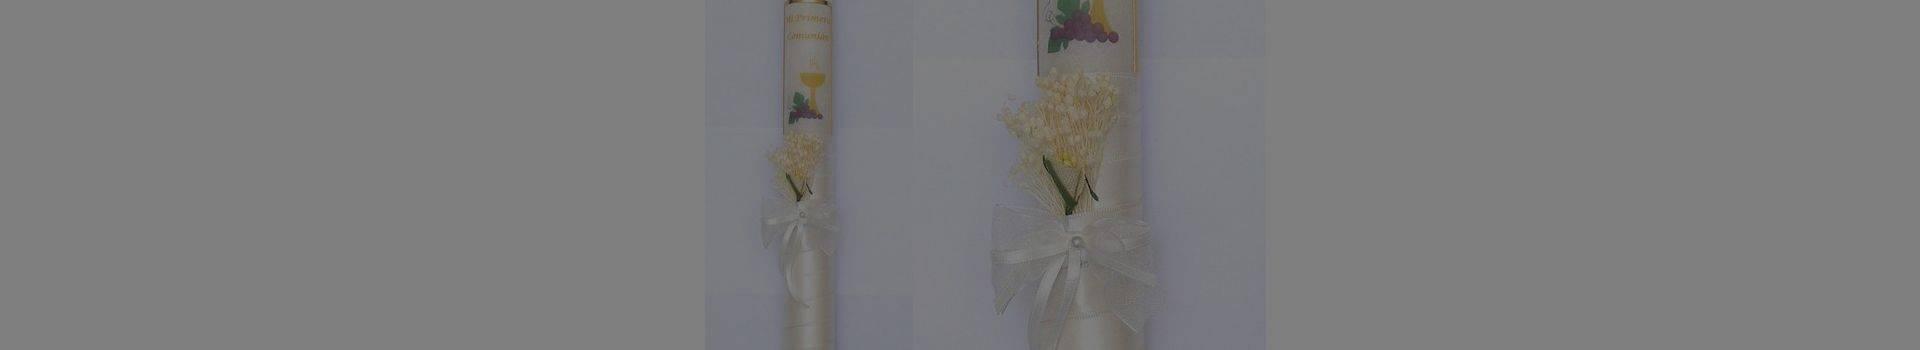 velas - cirios de comunion - velas de ceremonia - cereria pinsart